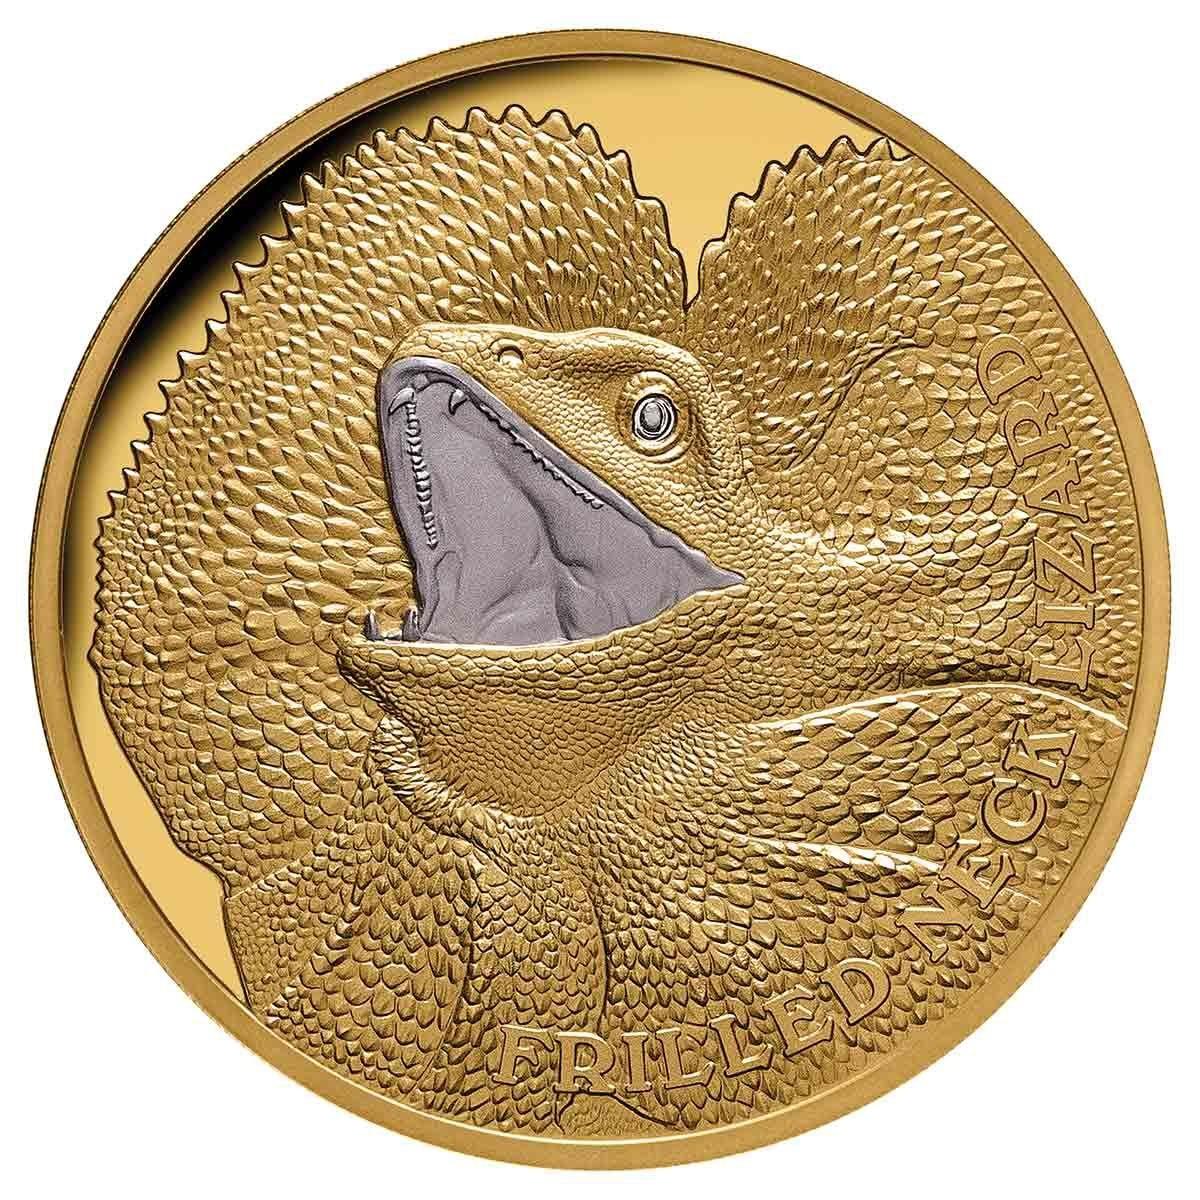 Ниуэ монета 100 долларов Плащеносная ящерица, реверс